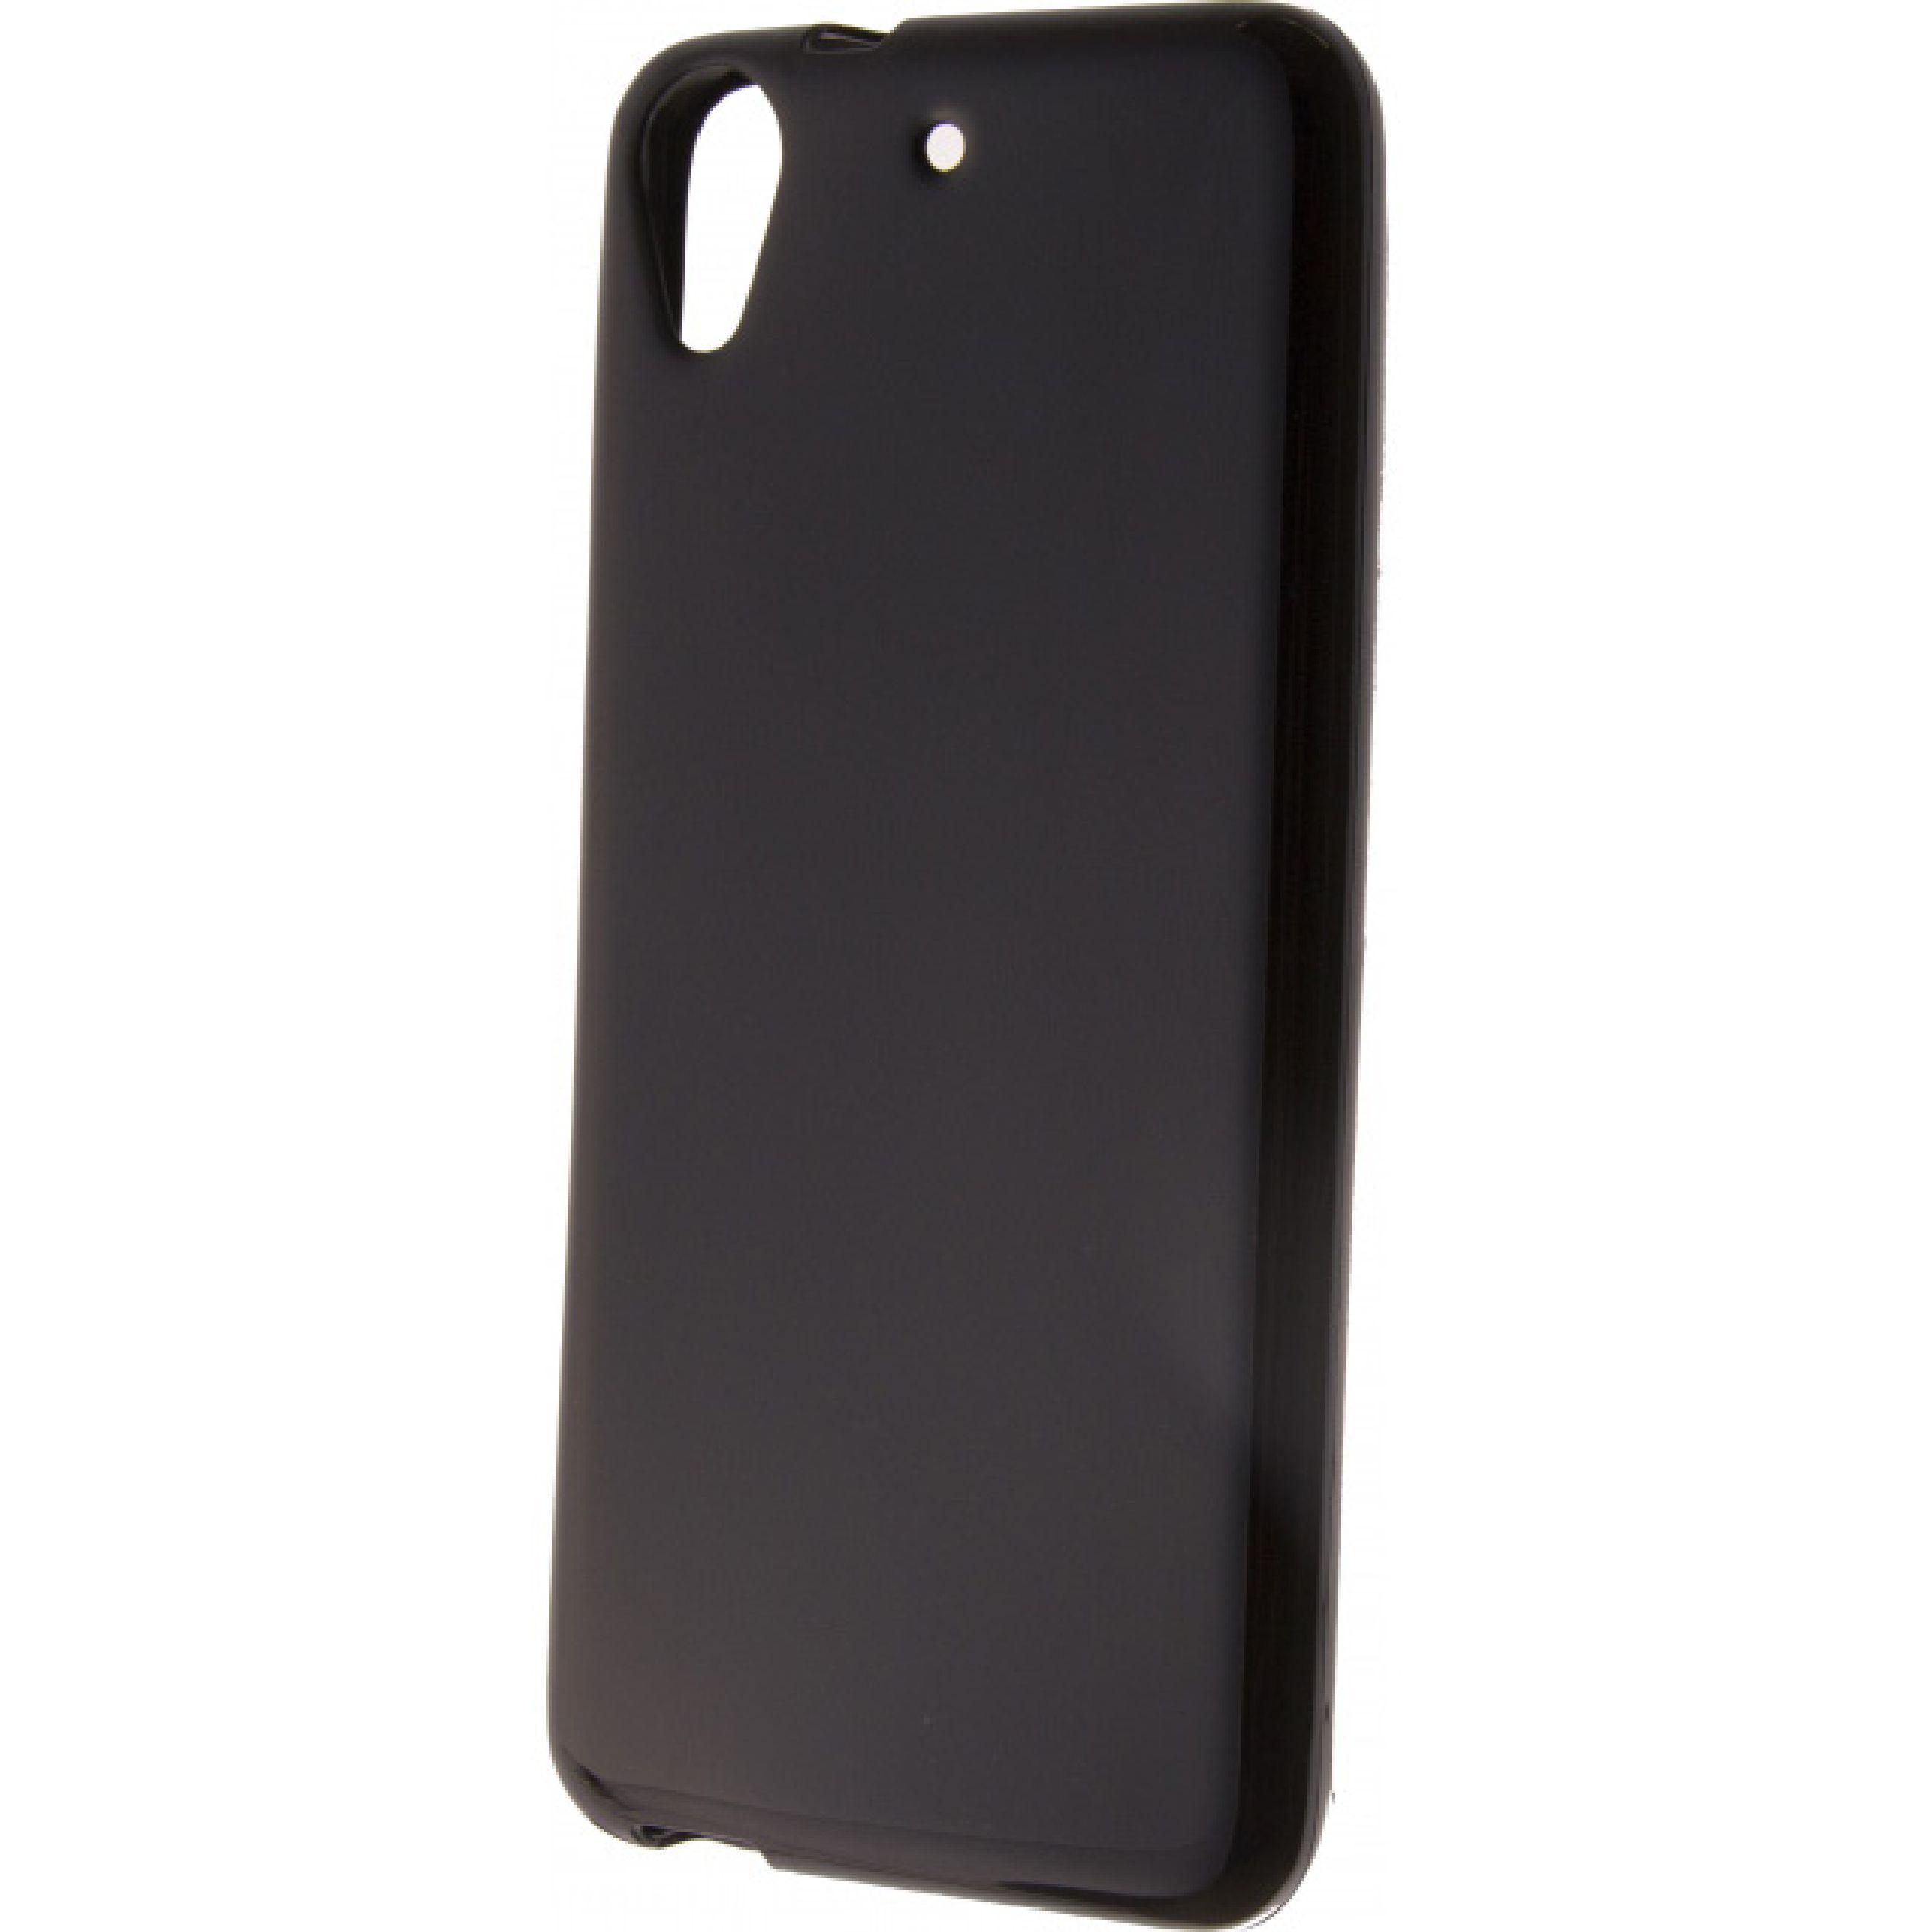 Billede af Telefon Gel-Etui HTC Desire 650 Sort